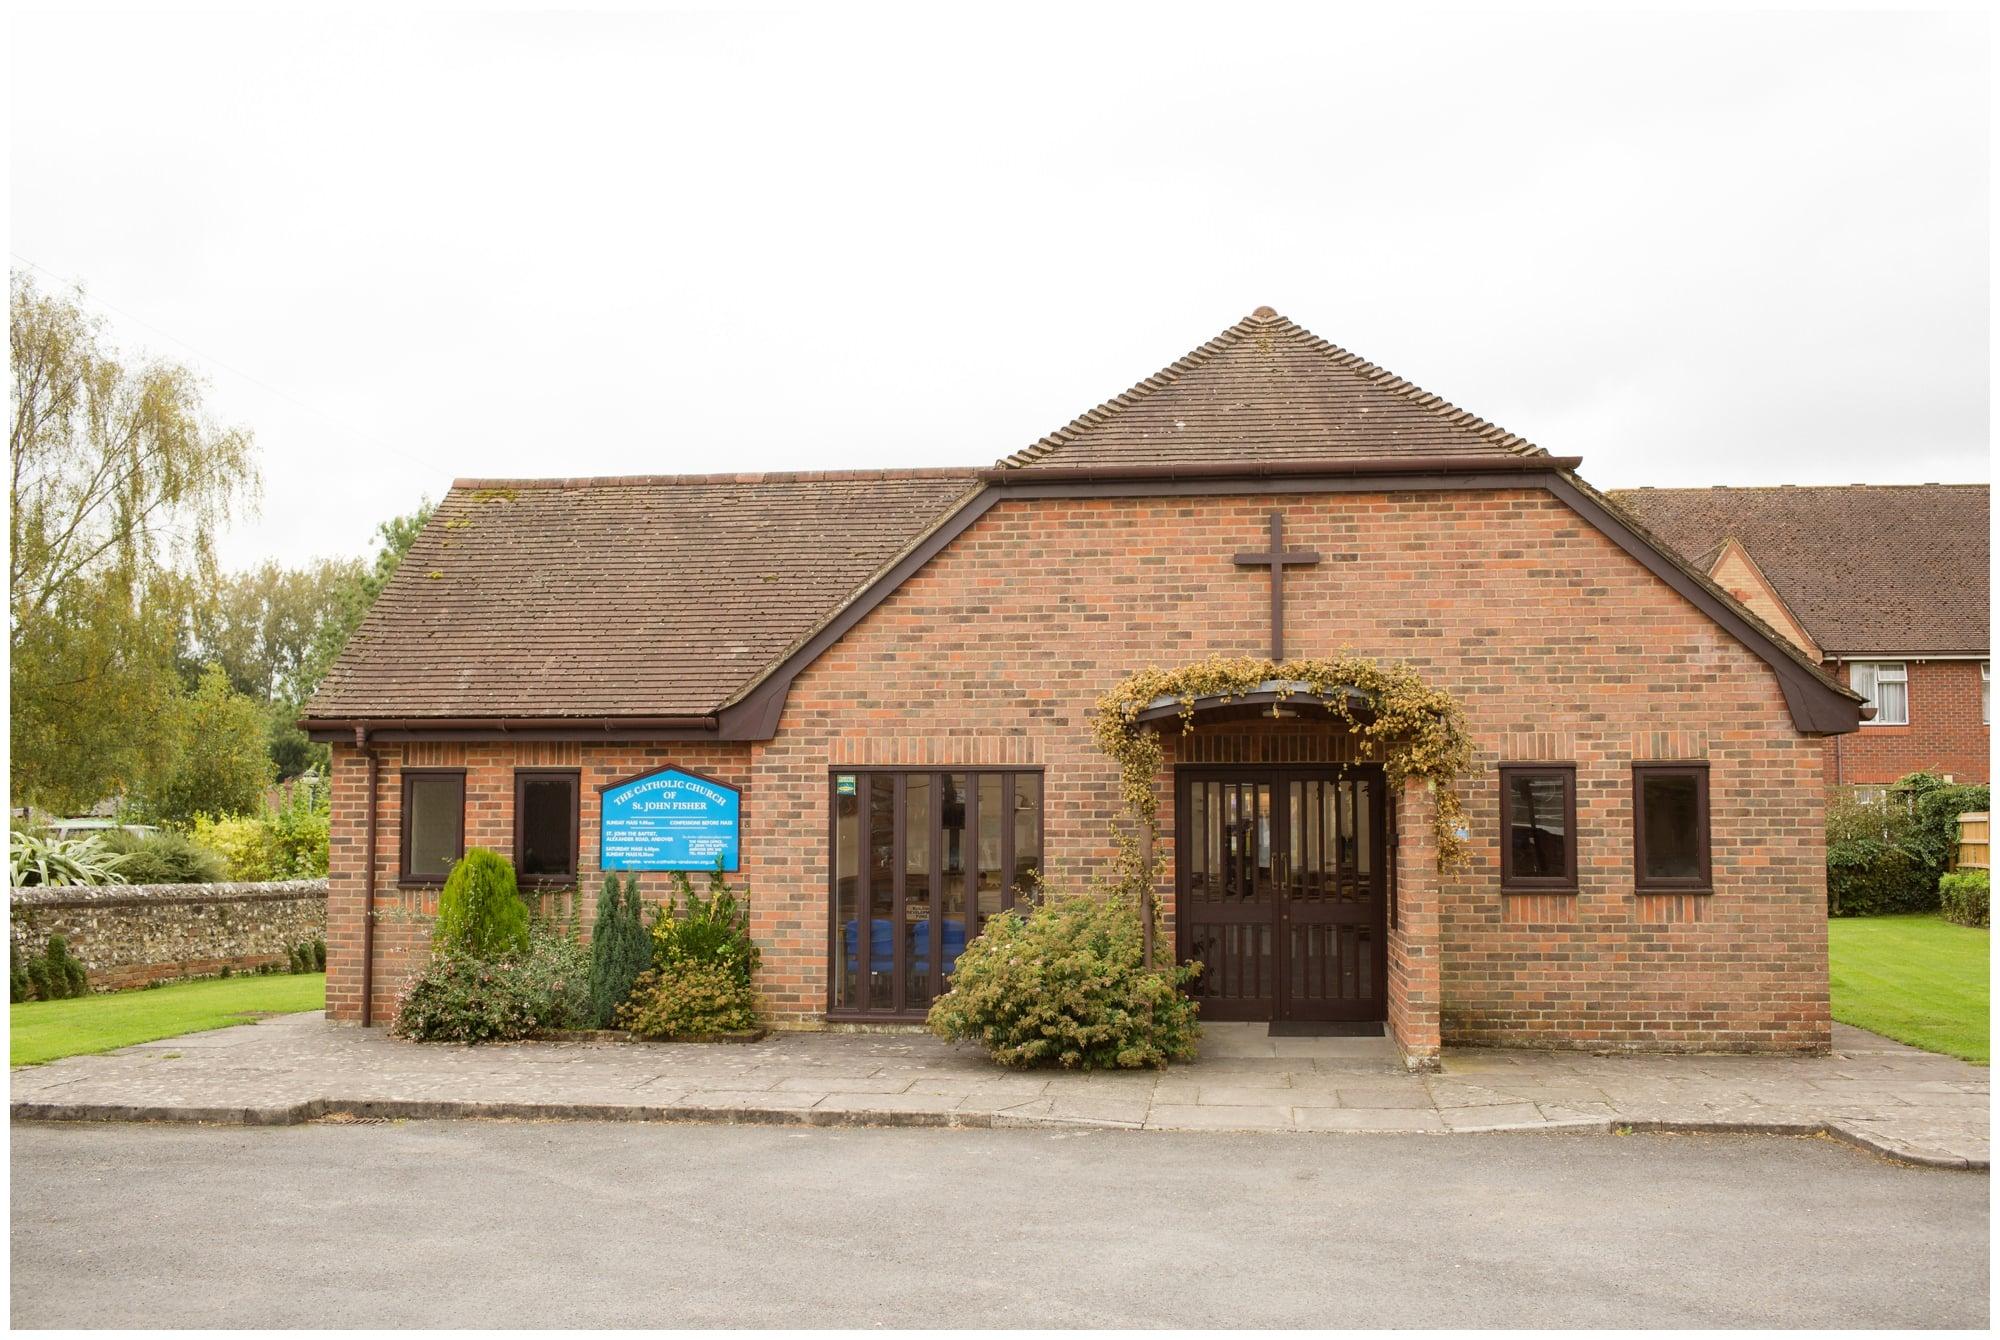 Saint John Fisher Church in Whitchurch